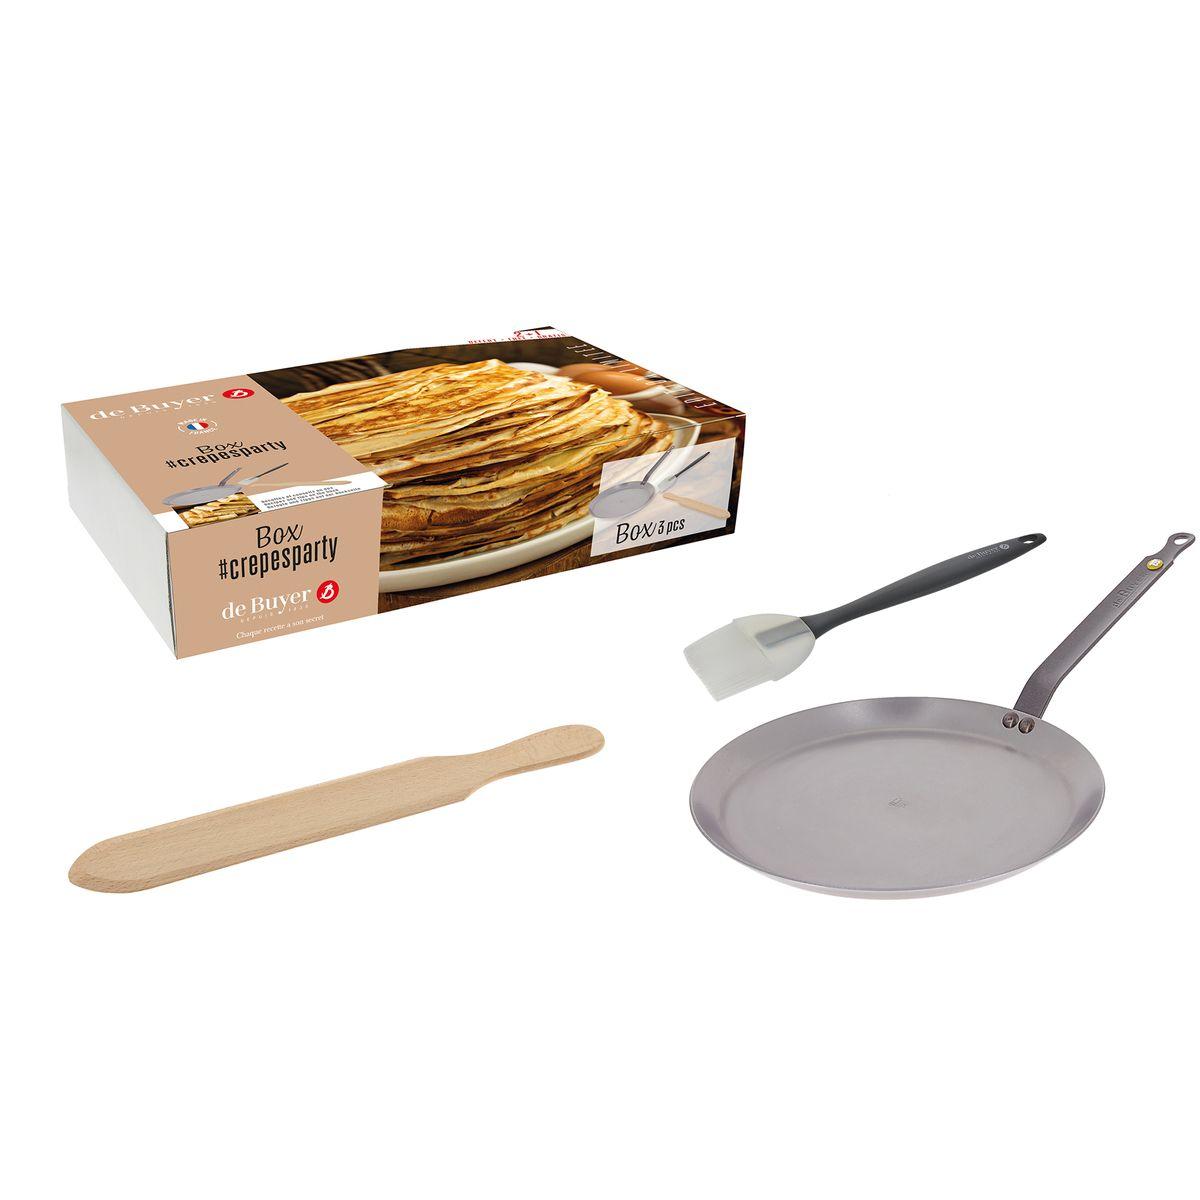 Set avec crêpière minéral B 26 cm + pinceau en silicone + spatule à crêpes en bois - De Buyer